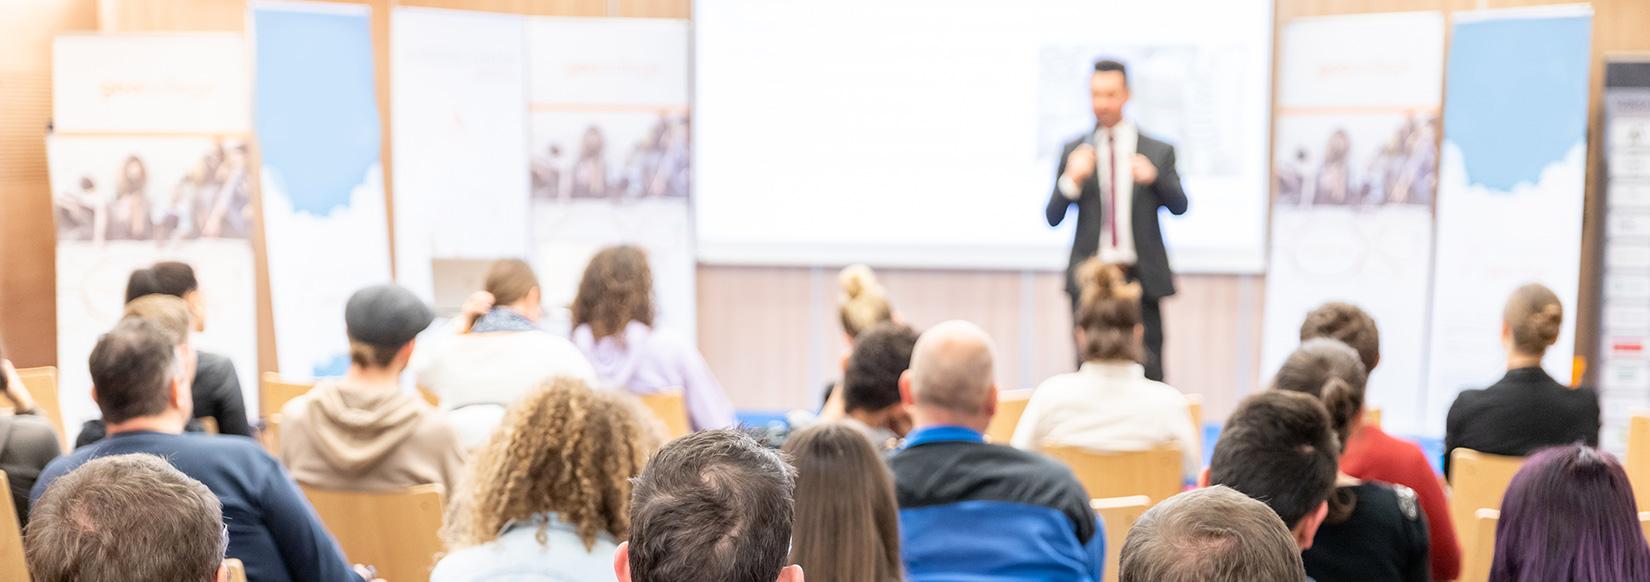 organiser-un-seminaire-entreprise-nancy-54